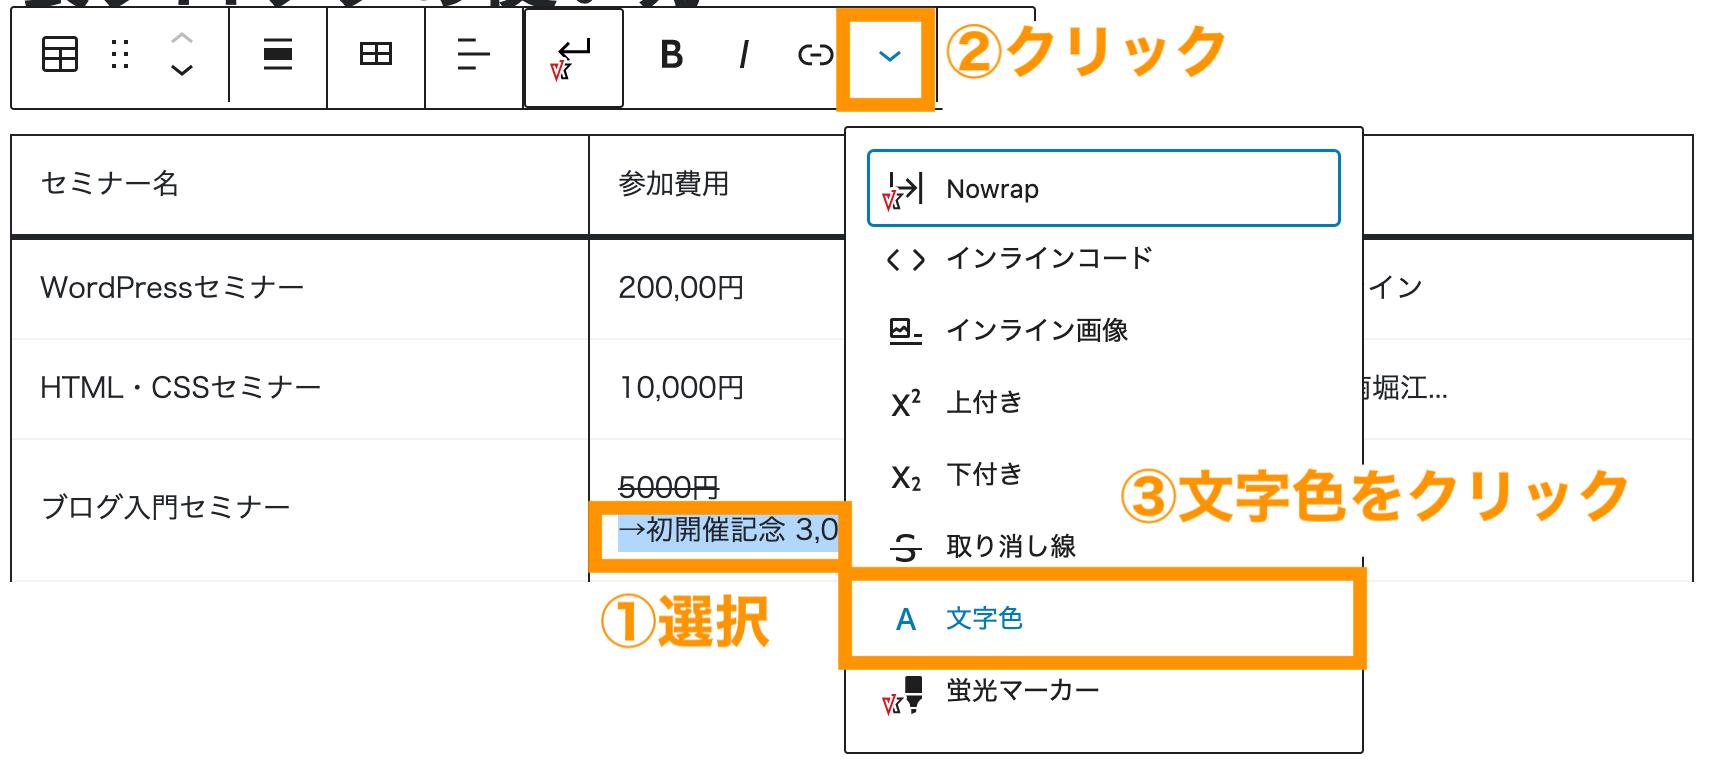 「→初開催キャンペーン3,000円」を選択して文字色を選択